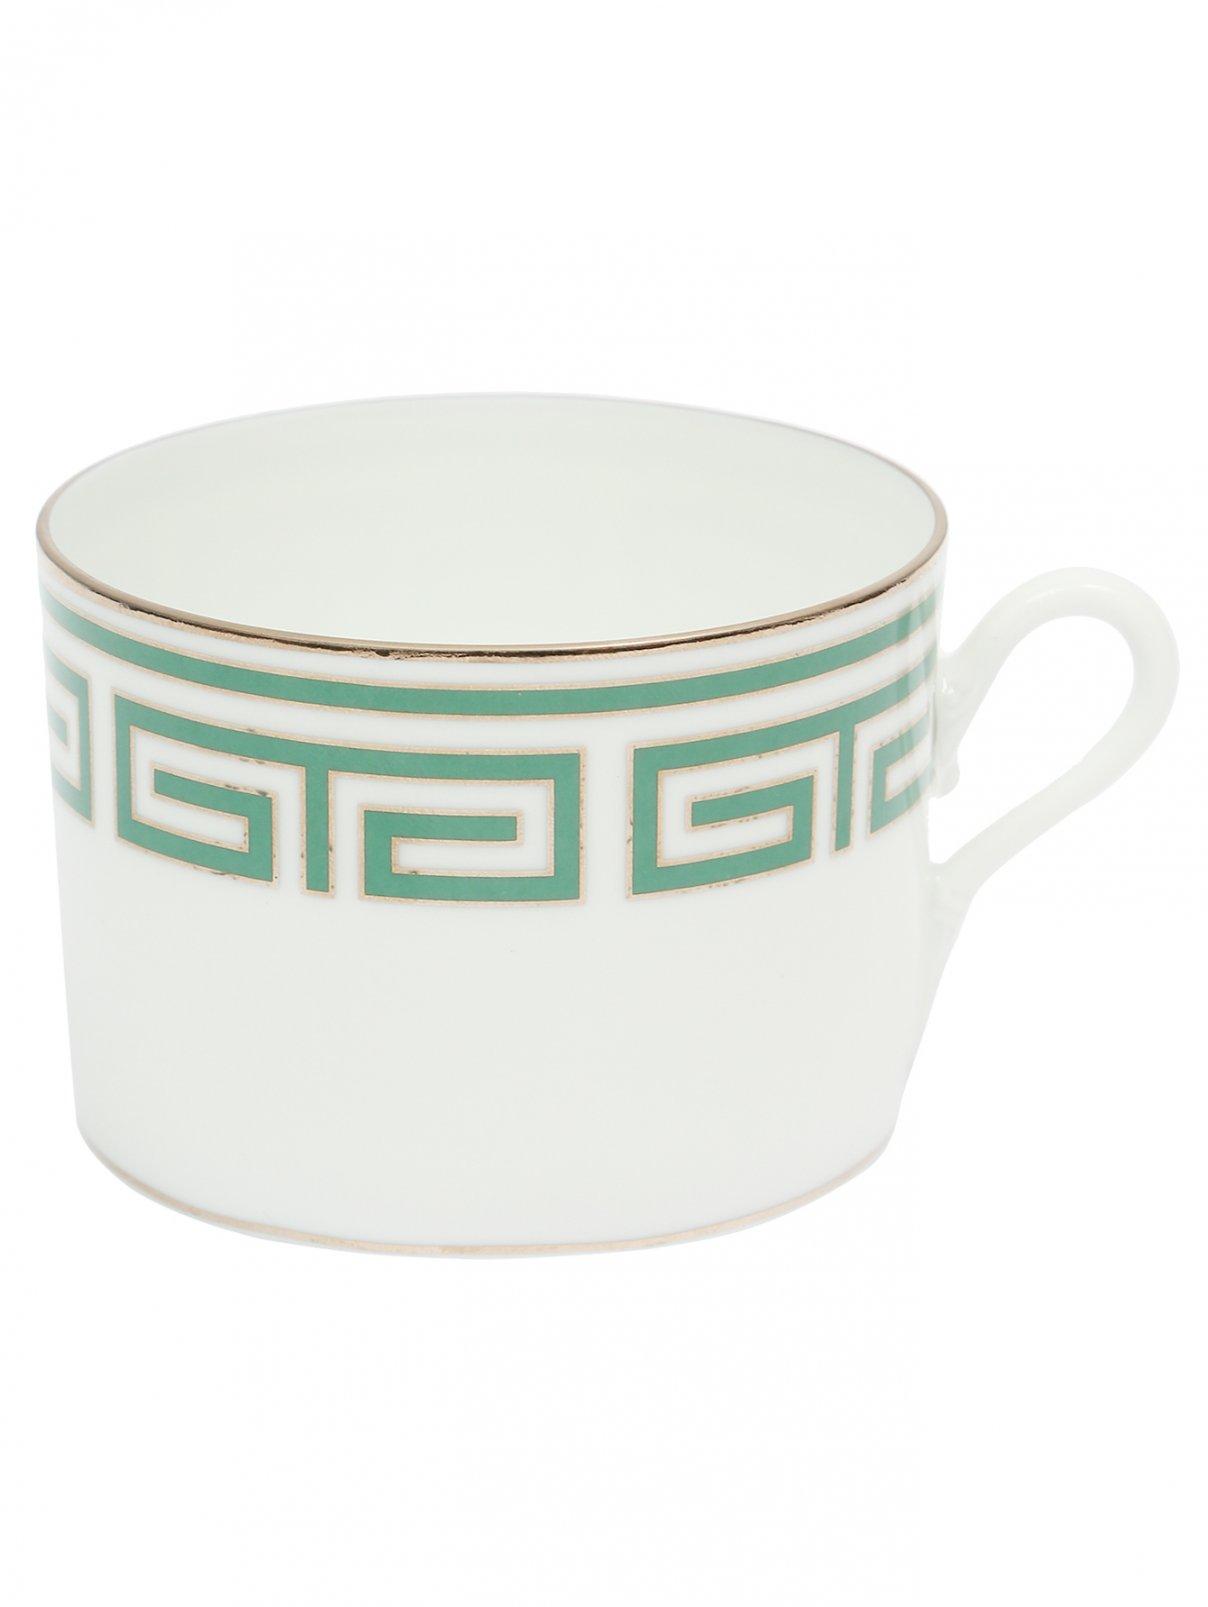 Чайная чашка с орнаментом меандр и серебряной окантовкой Richard Ginori 1735  –  Общий вид